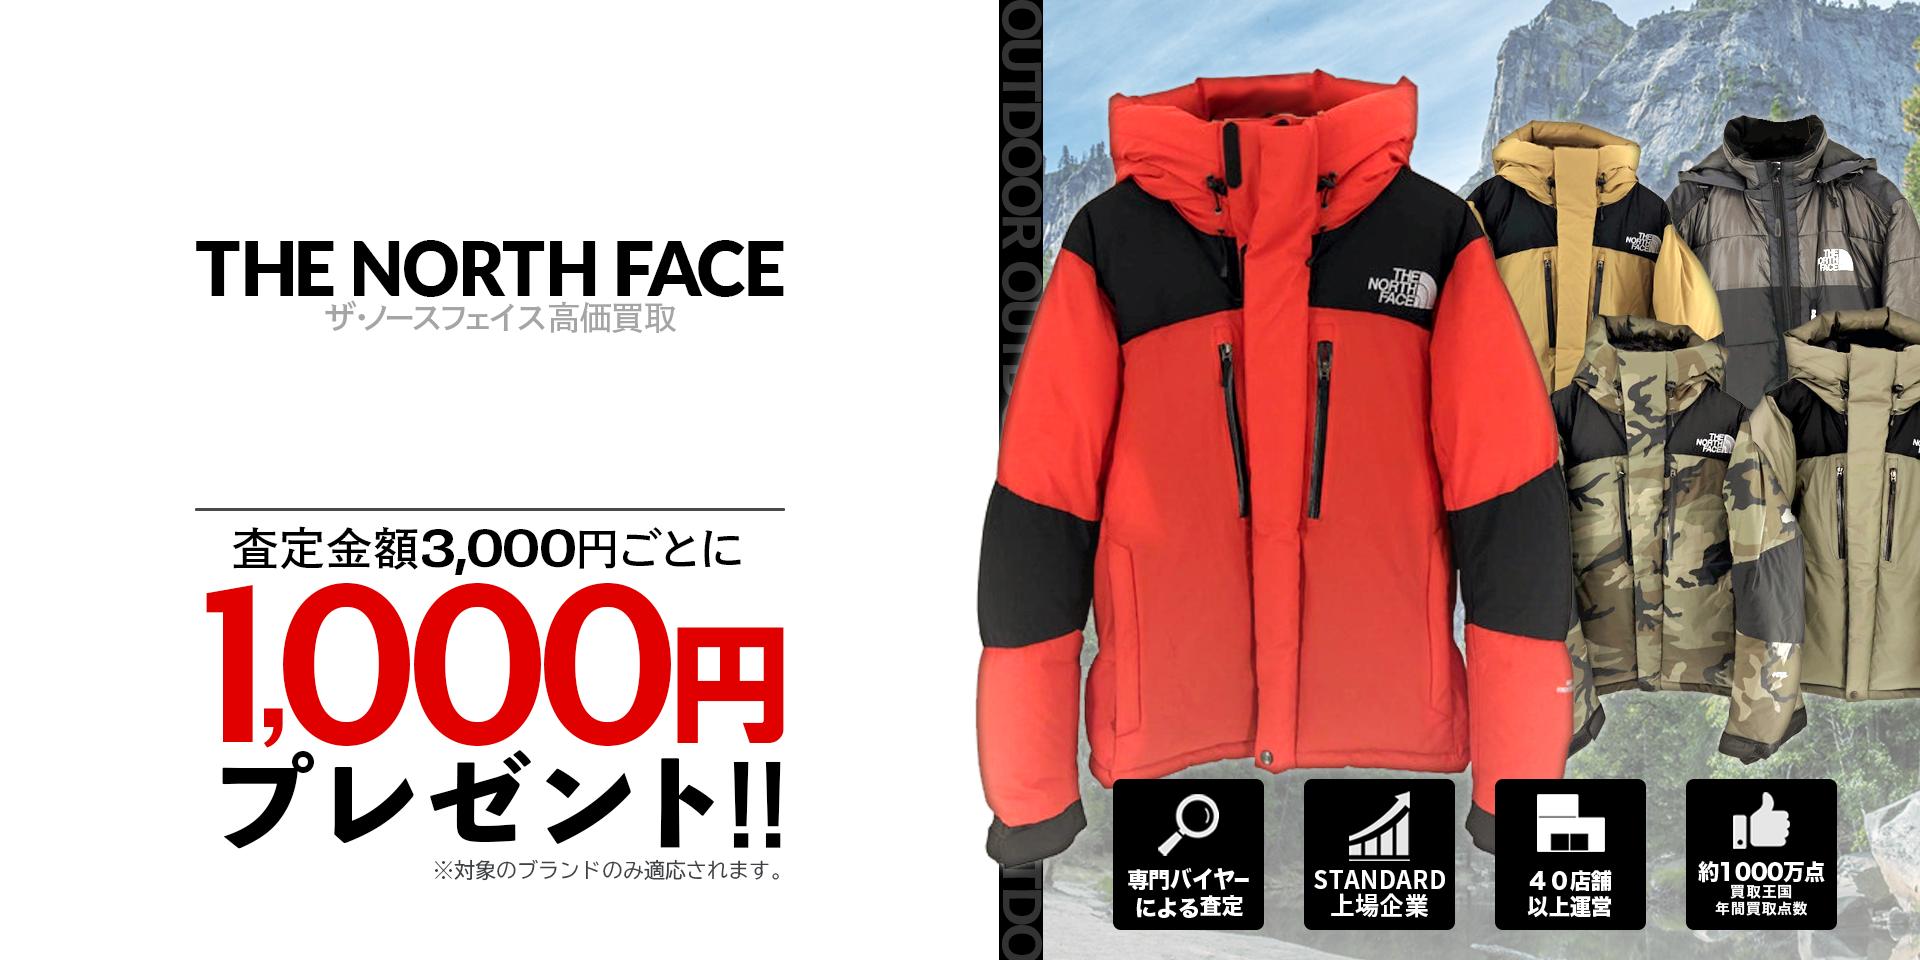 THE NORTH FACEのキービジュアル